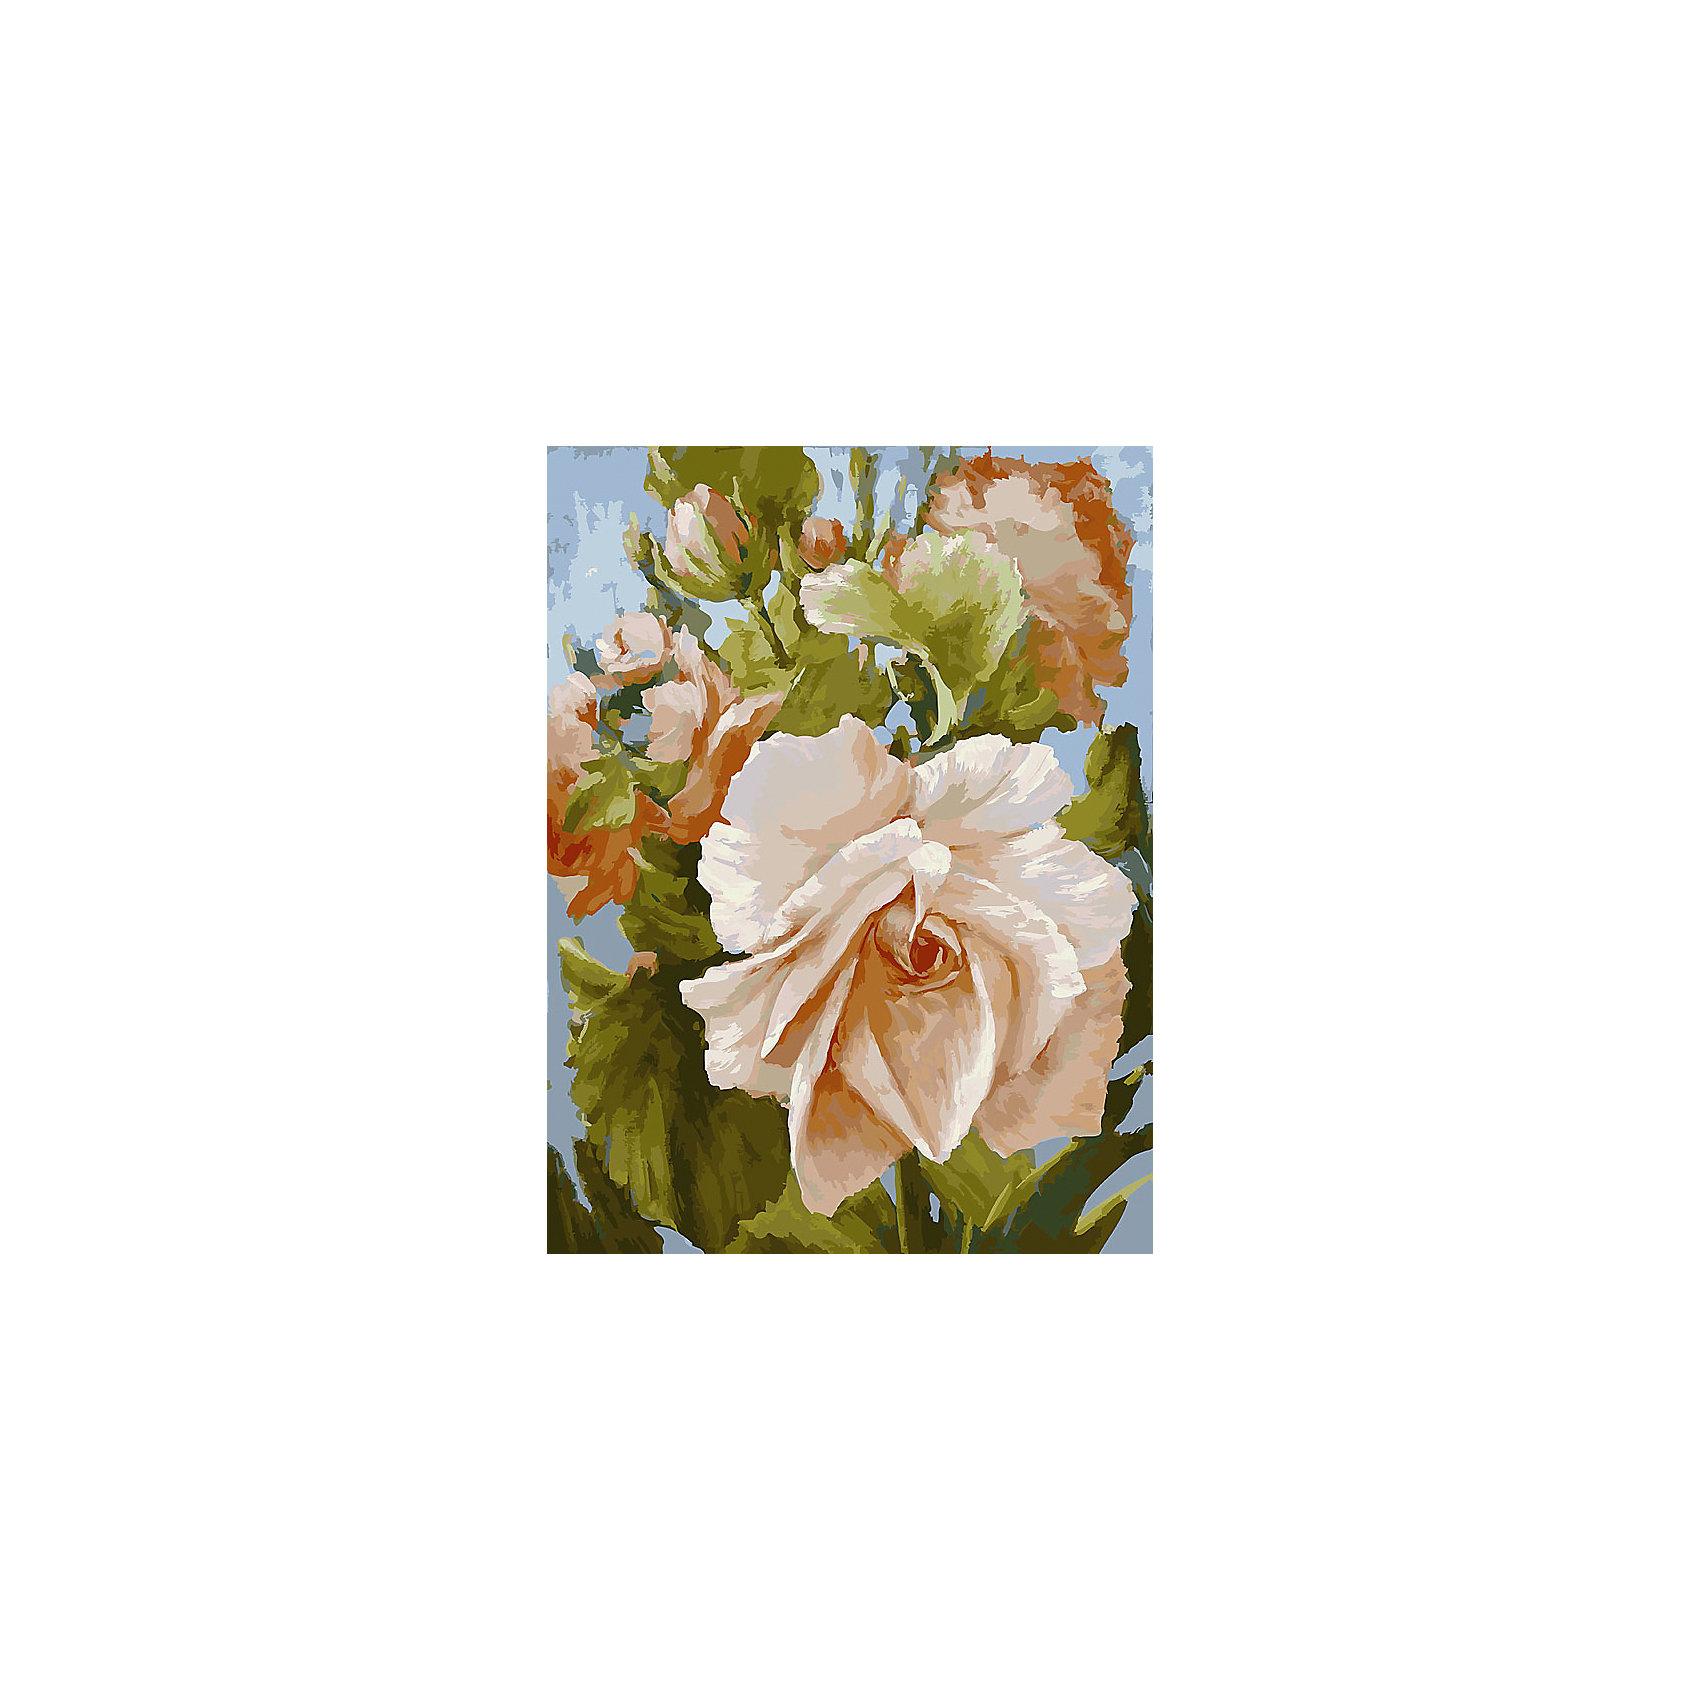 Живопись на холсте Роза, 30*40 смЖивопись на холсте Роза, 30*40 см<br><br>Характеристики:<br><br>• Вес: 567<br>• Размер: 30х40<br>• Краски: акриловые, быстросохнущие<br>• Количество цветов: 35<br>• В наборе: холст на подрамнике, настенное крепление, контрольный лист с рисунком, 35 красок, 3 кисти<br><br>Данный набор позволит любому человеку ощутить себя профессиональным художником. В комплект входит холст с нанесенным на него рисунком по номерам, акриловые краски на водной основе, специальный контрольный лист, предотвращающий ошибки и 3 удобные кисти разных размеров. <br><br>Рисовать на холсте очень удобно, а благодаря номерам на картине и баночках с краской - это совсем просто. Цвета ложатся ровным слоем, перекрывая нанесенный рисунок. Если вы боитесь, что где-то ошиблись – приложите контрольный лист, который полностью повторяет схему. Акриловые краски совершенно безопасны и не имеют запаха. А благодаря настенному креплению вы сможете повесить готовую работу.<br><br>Живопись на холсте Роза, 30*40 см можно купить в нашем интернет-магазине.<br><br>Ширина мм: 410<br>Глубина мм: 310<br>Высота мм: 250<br>Вес г: 567<br>Возраст от месяцев: 72<br>Возраст до месяцев: 2147483647<br>Пол: Унисекс<br>Возраст: Детский<br>SKU: 5500371